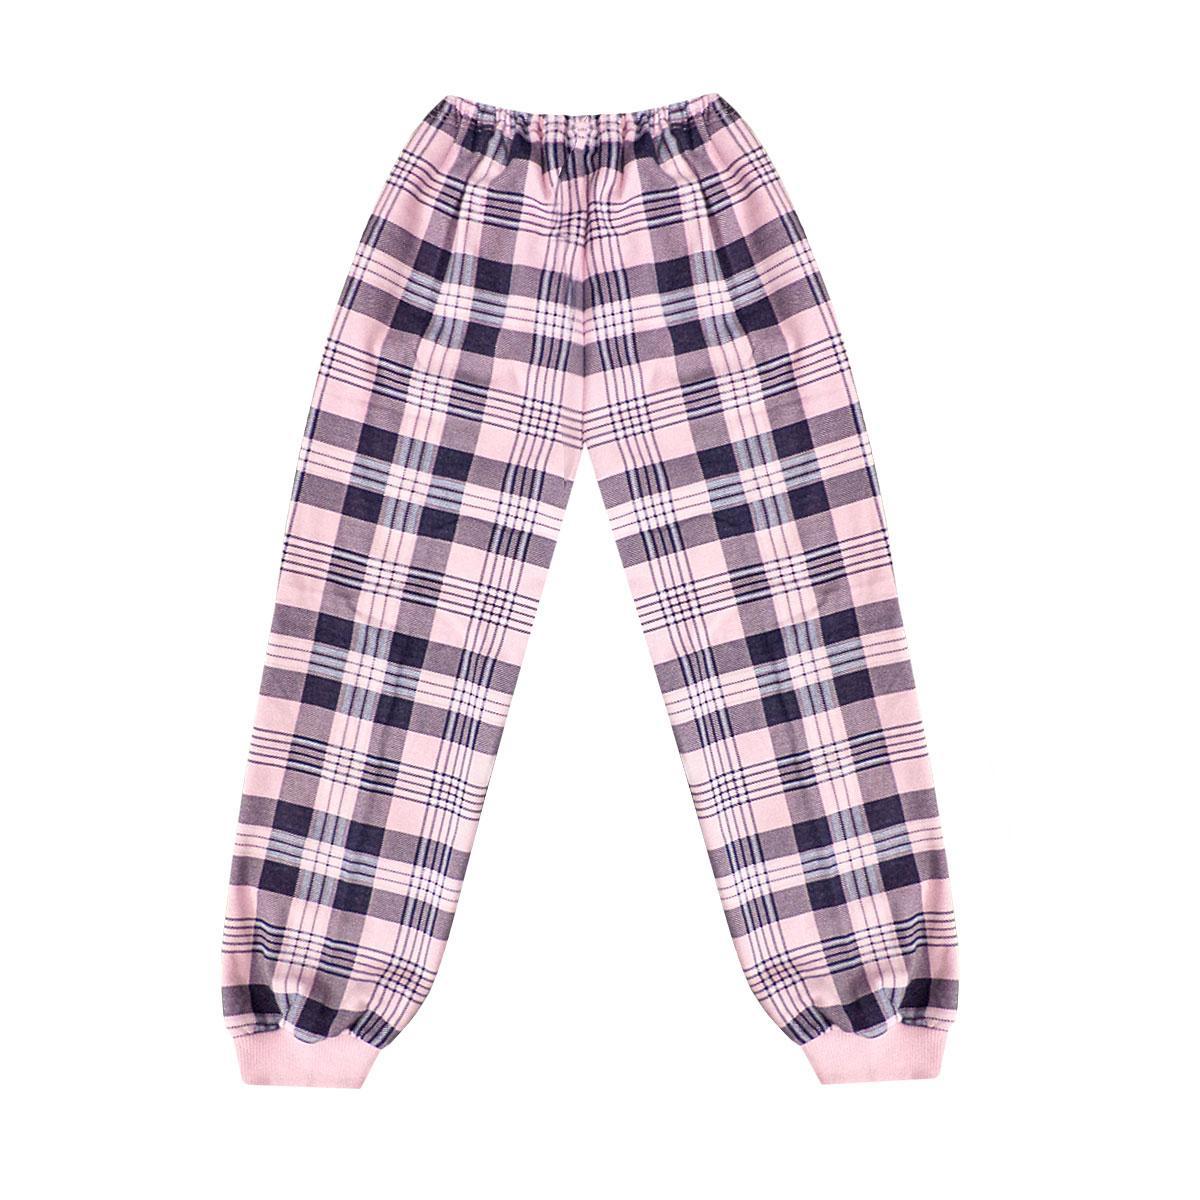 Тёплые домашние штаны для девочки начес